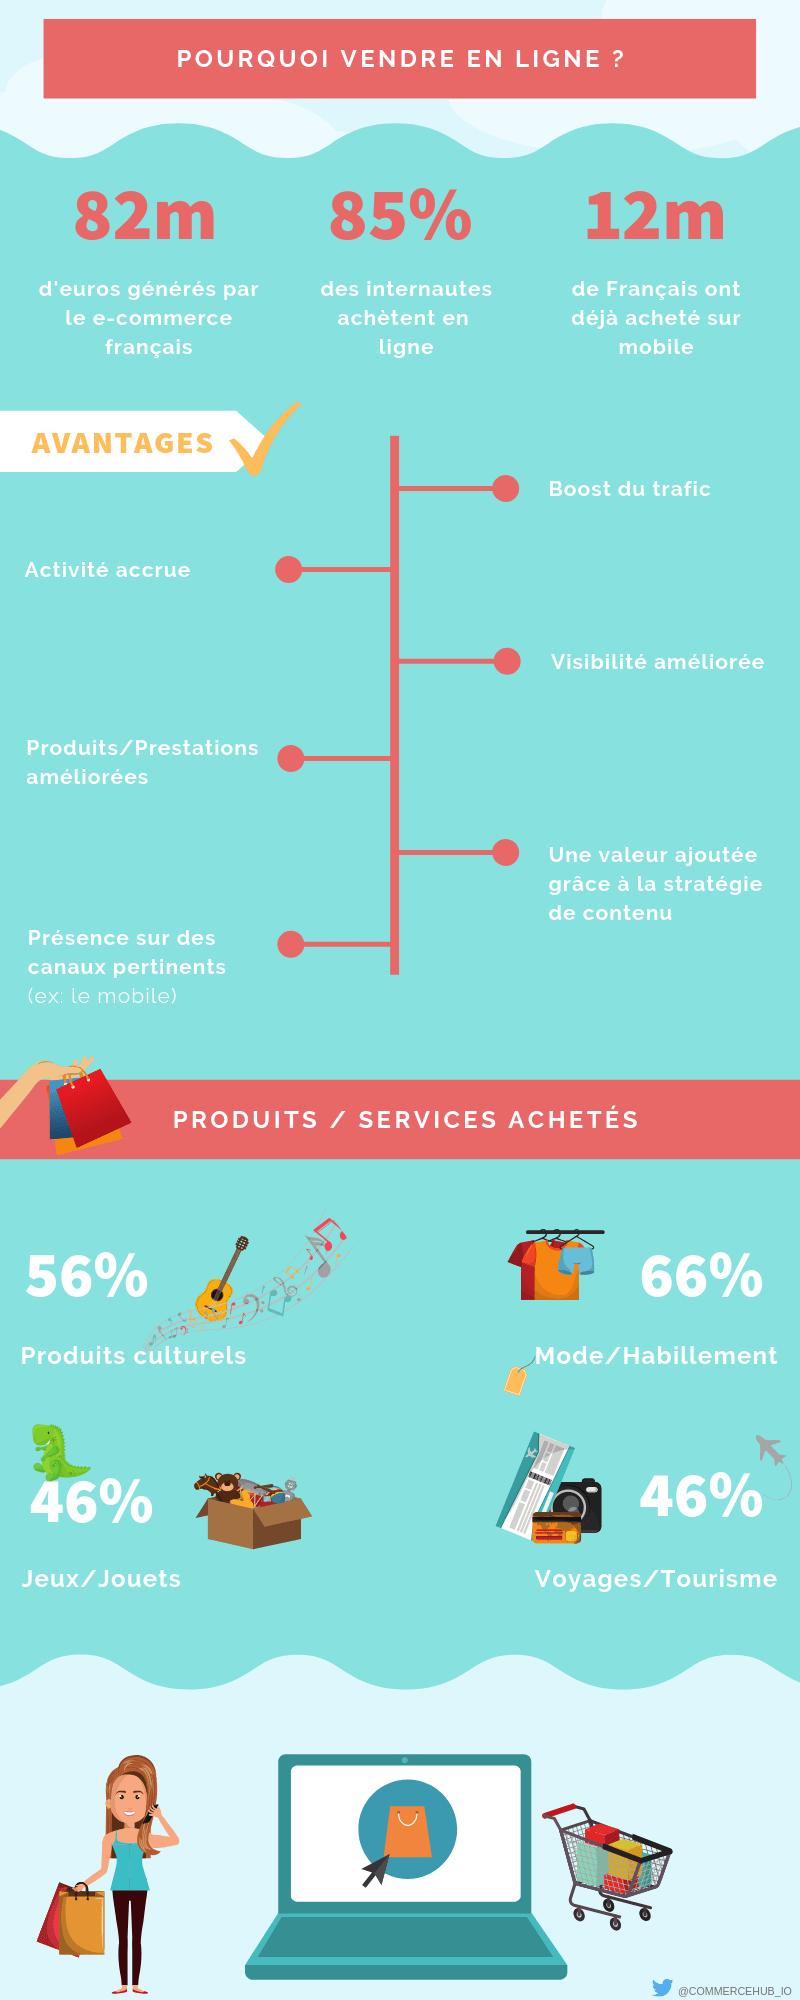 Découvrez pourquoi il est important de vendre en ligne a travers cette infographie